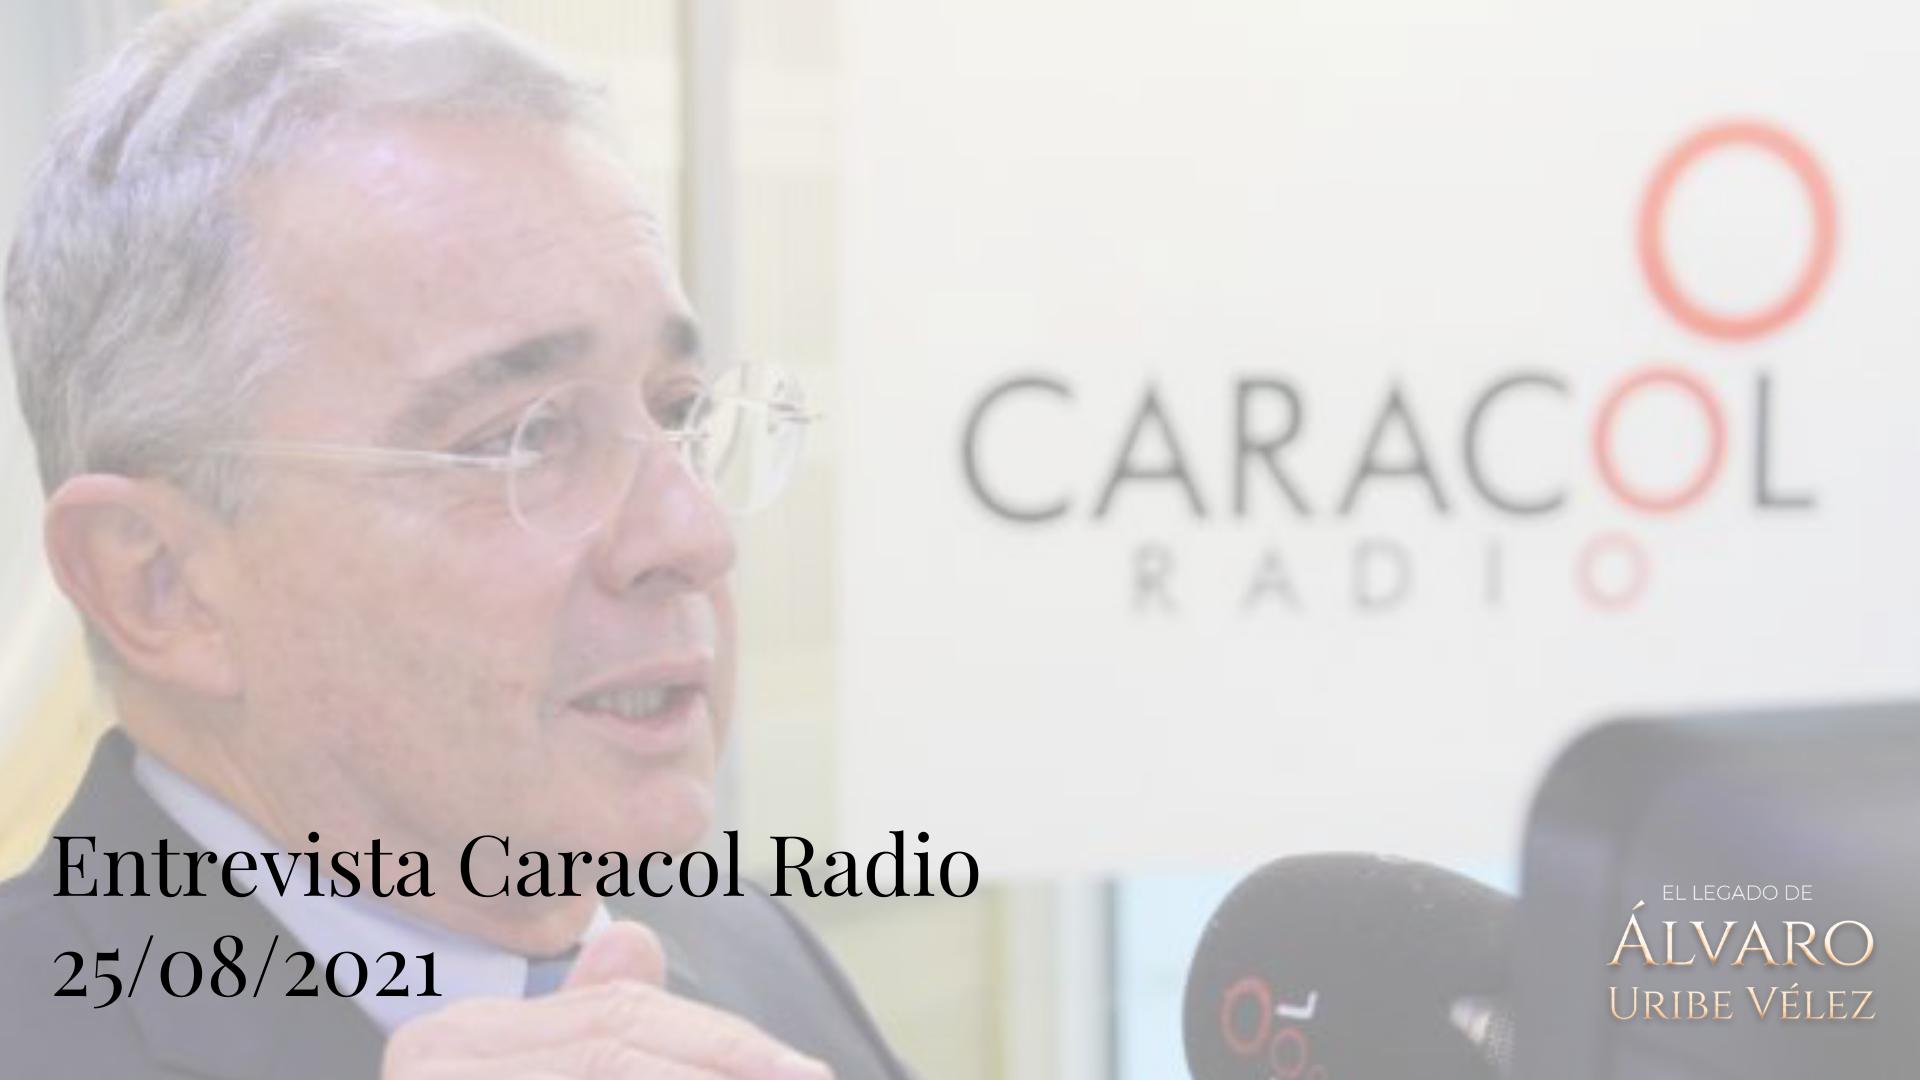 Entrevista Caracol Radio 25/08/2021